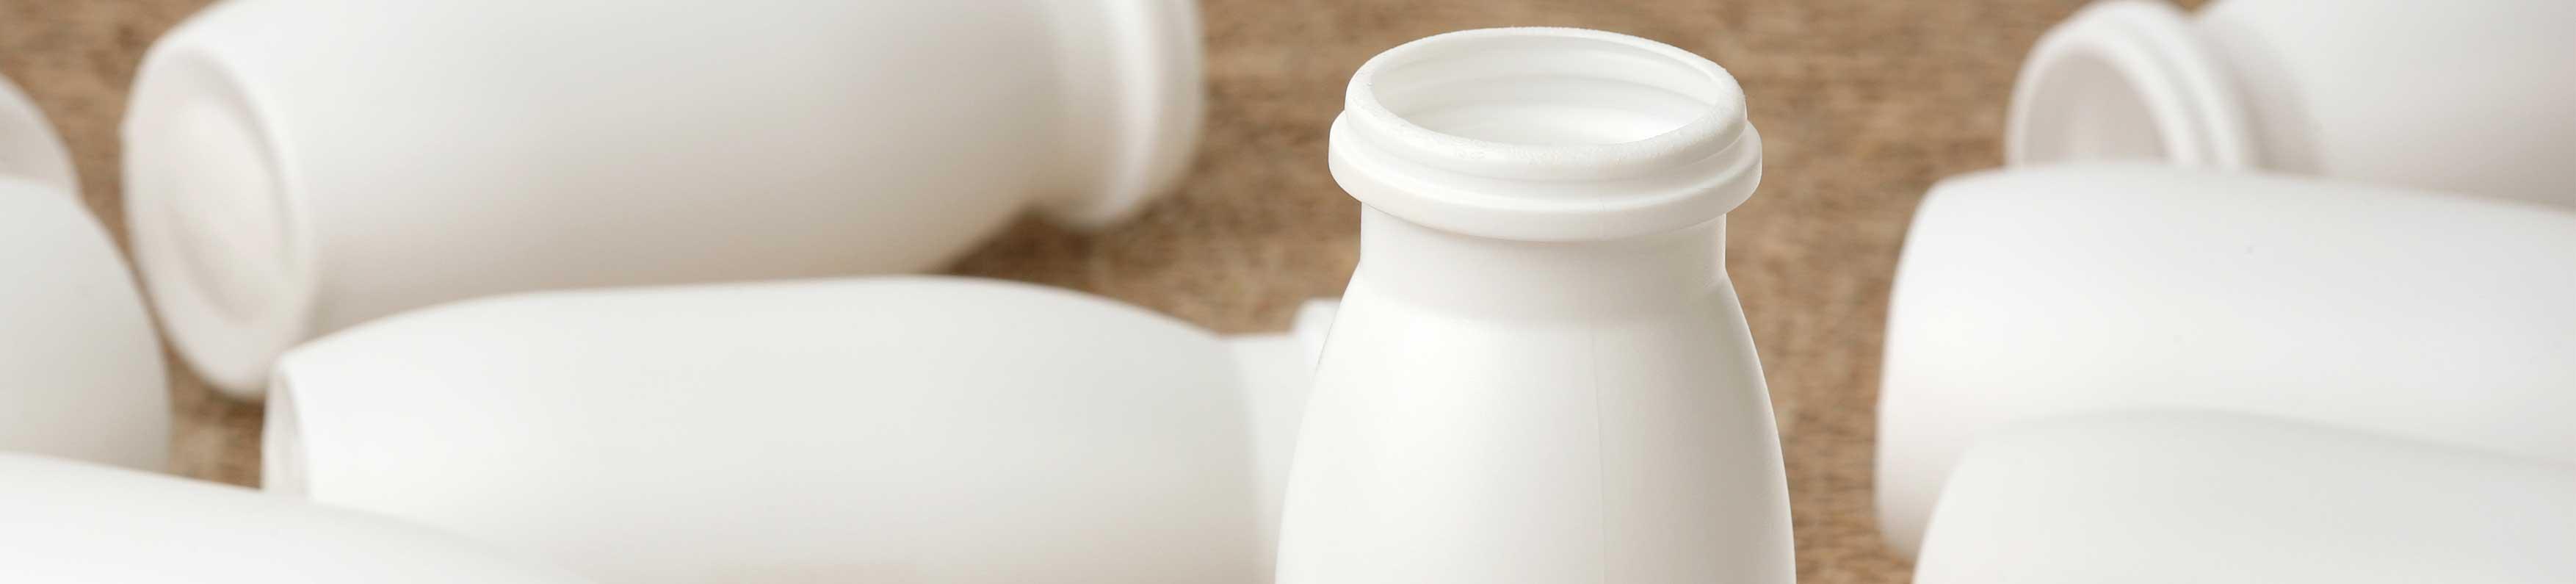 Botellas y Recipientes Compostables Aplicaciones NUREL INZEA Biopolímeros